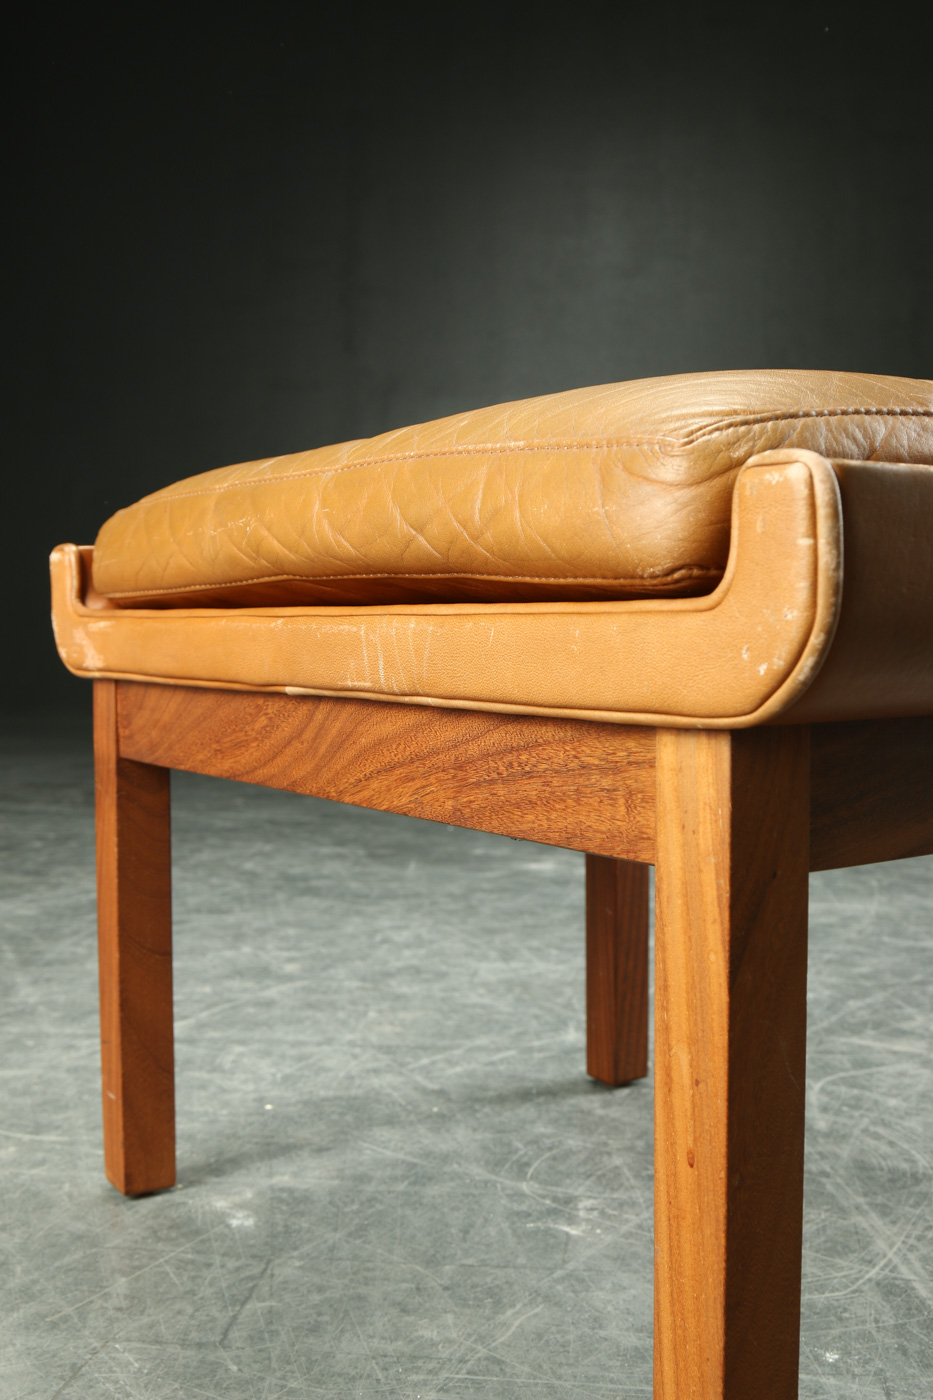 Finn Juhl. Stool of teak and leather